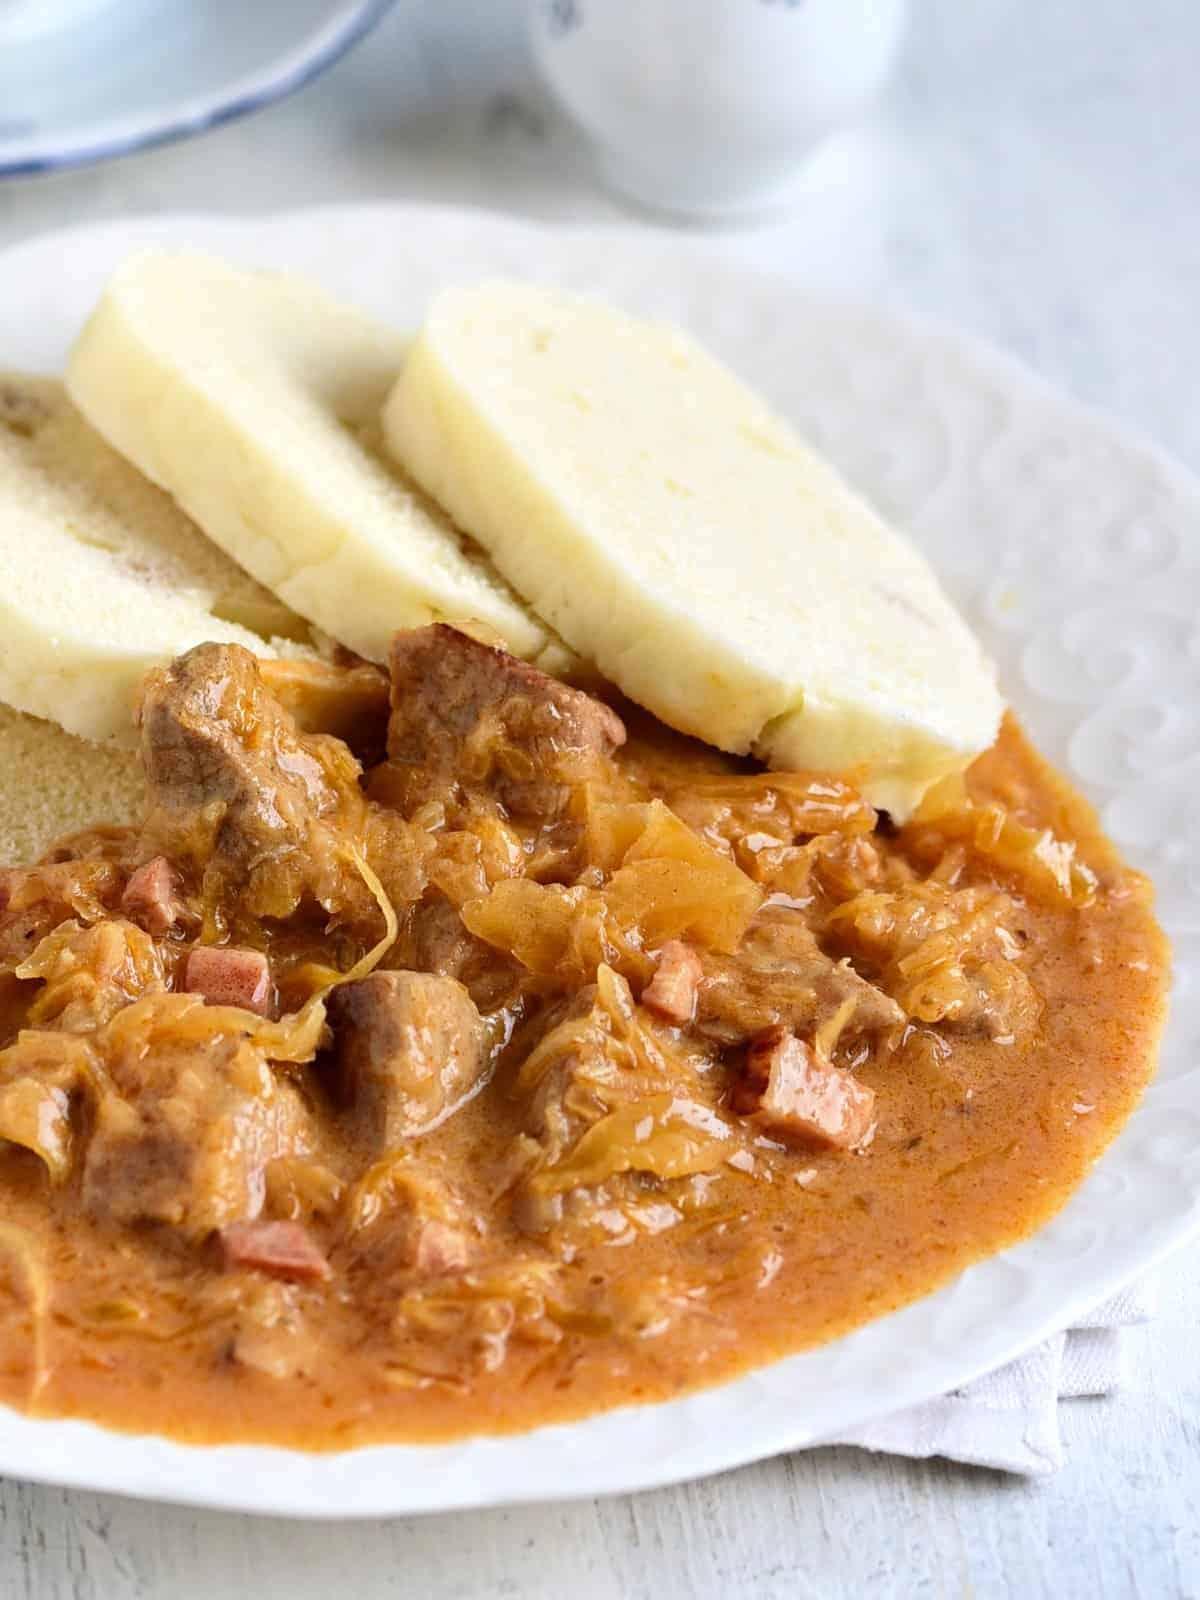 segedínský guláš serving